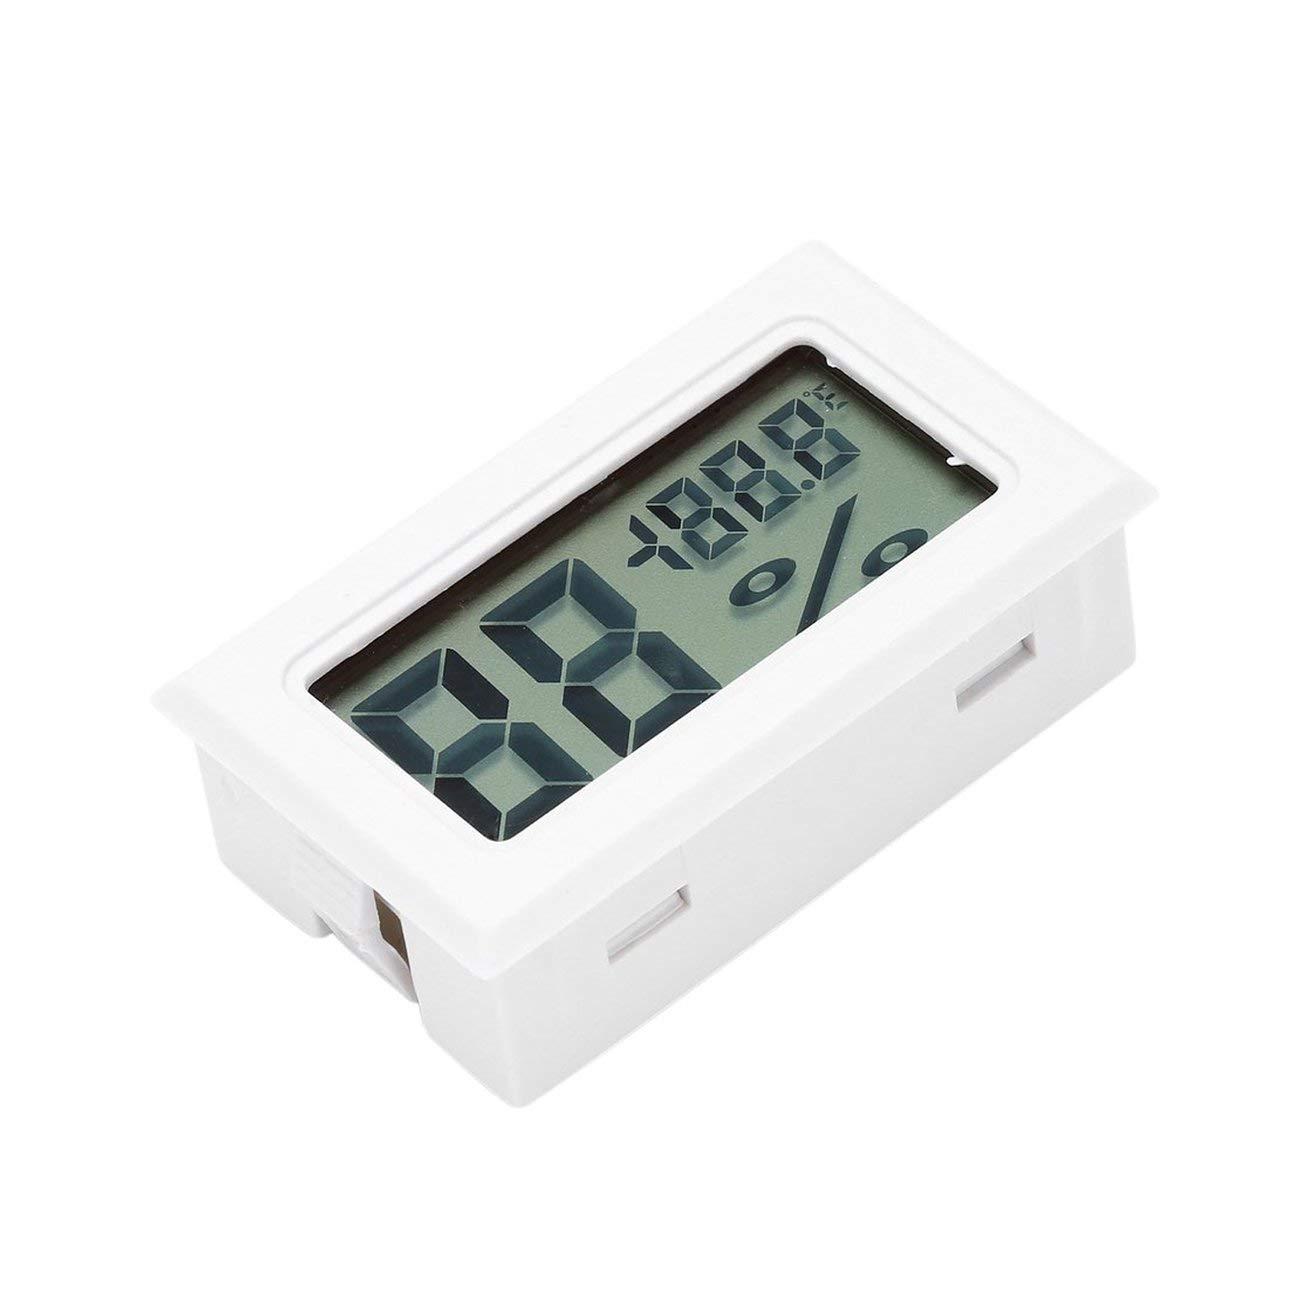 bvggfhcvbcgvh Professional Mini Digital LCD Thermomètre Hygromètre Humidité Température Mètre Intérieur Numérique LCD Capteur (blanc)